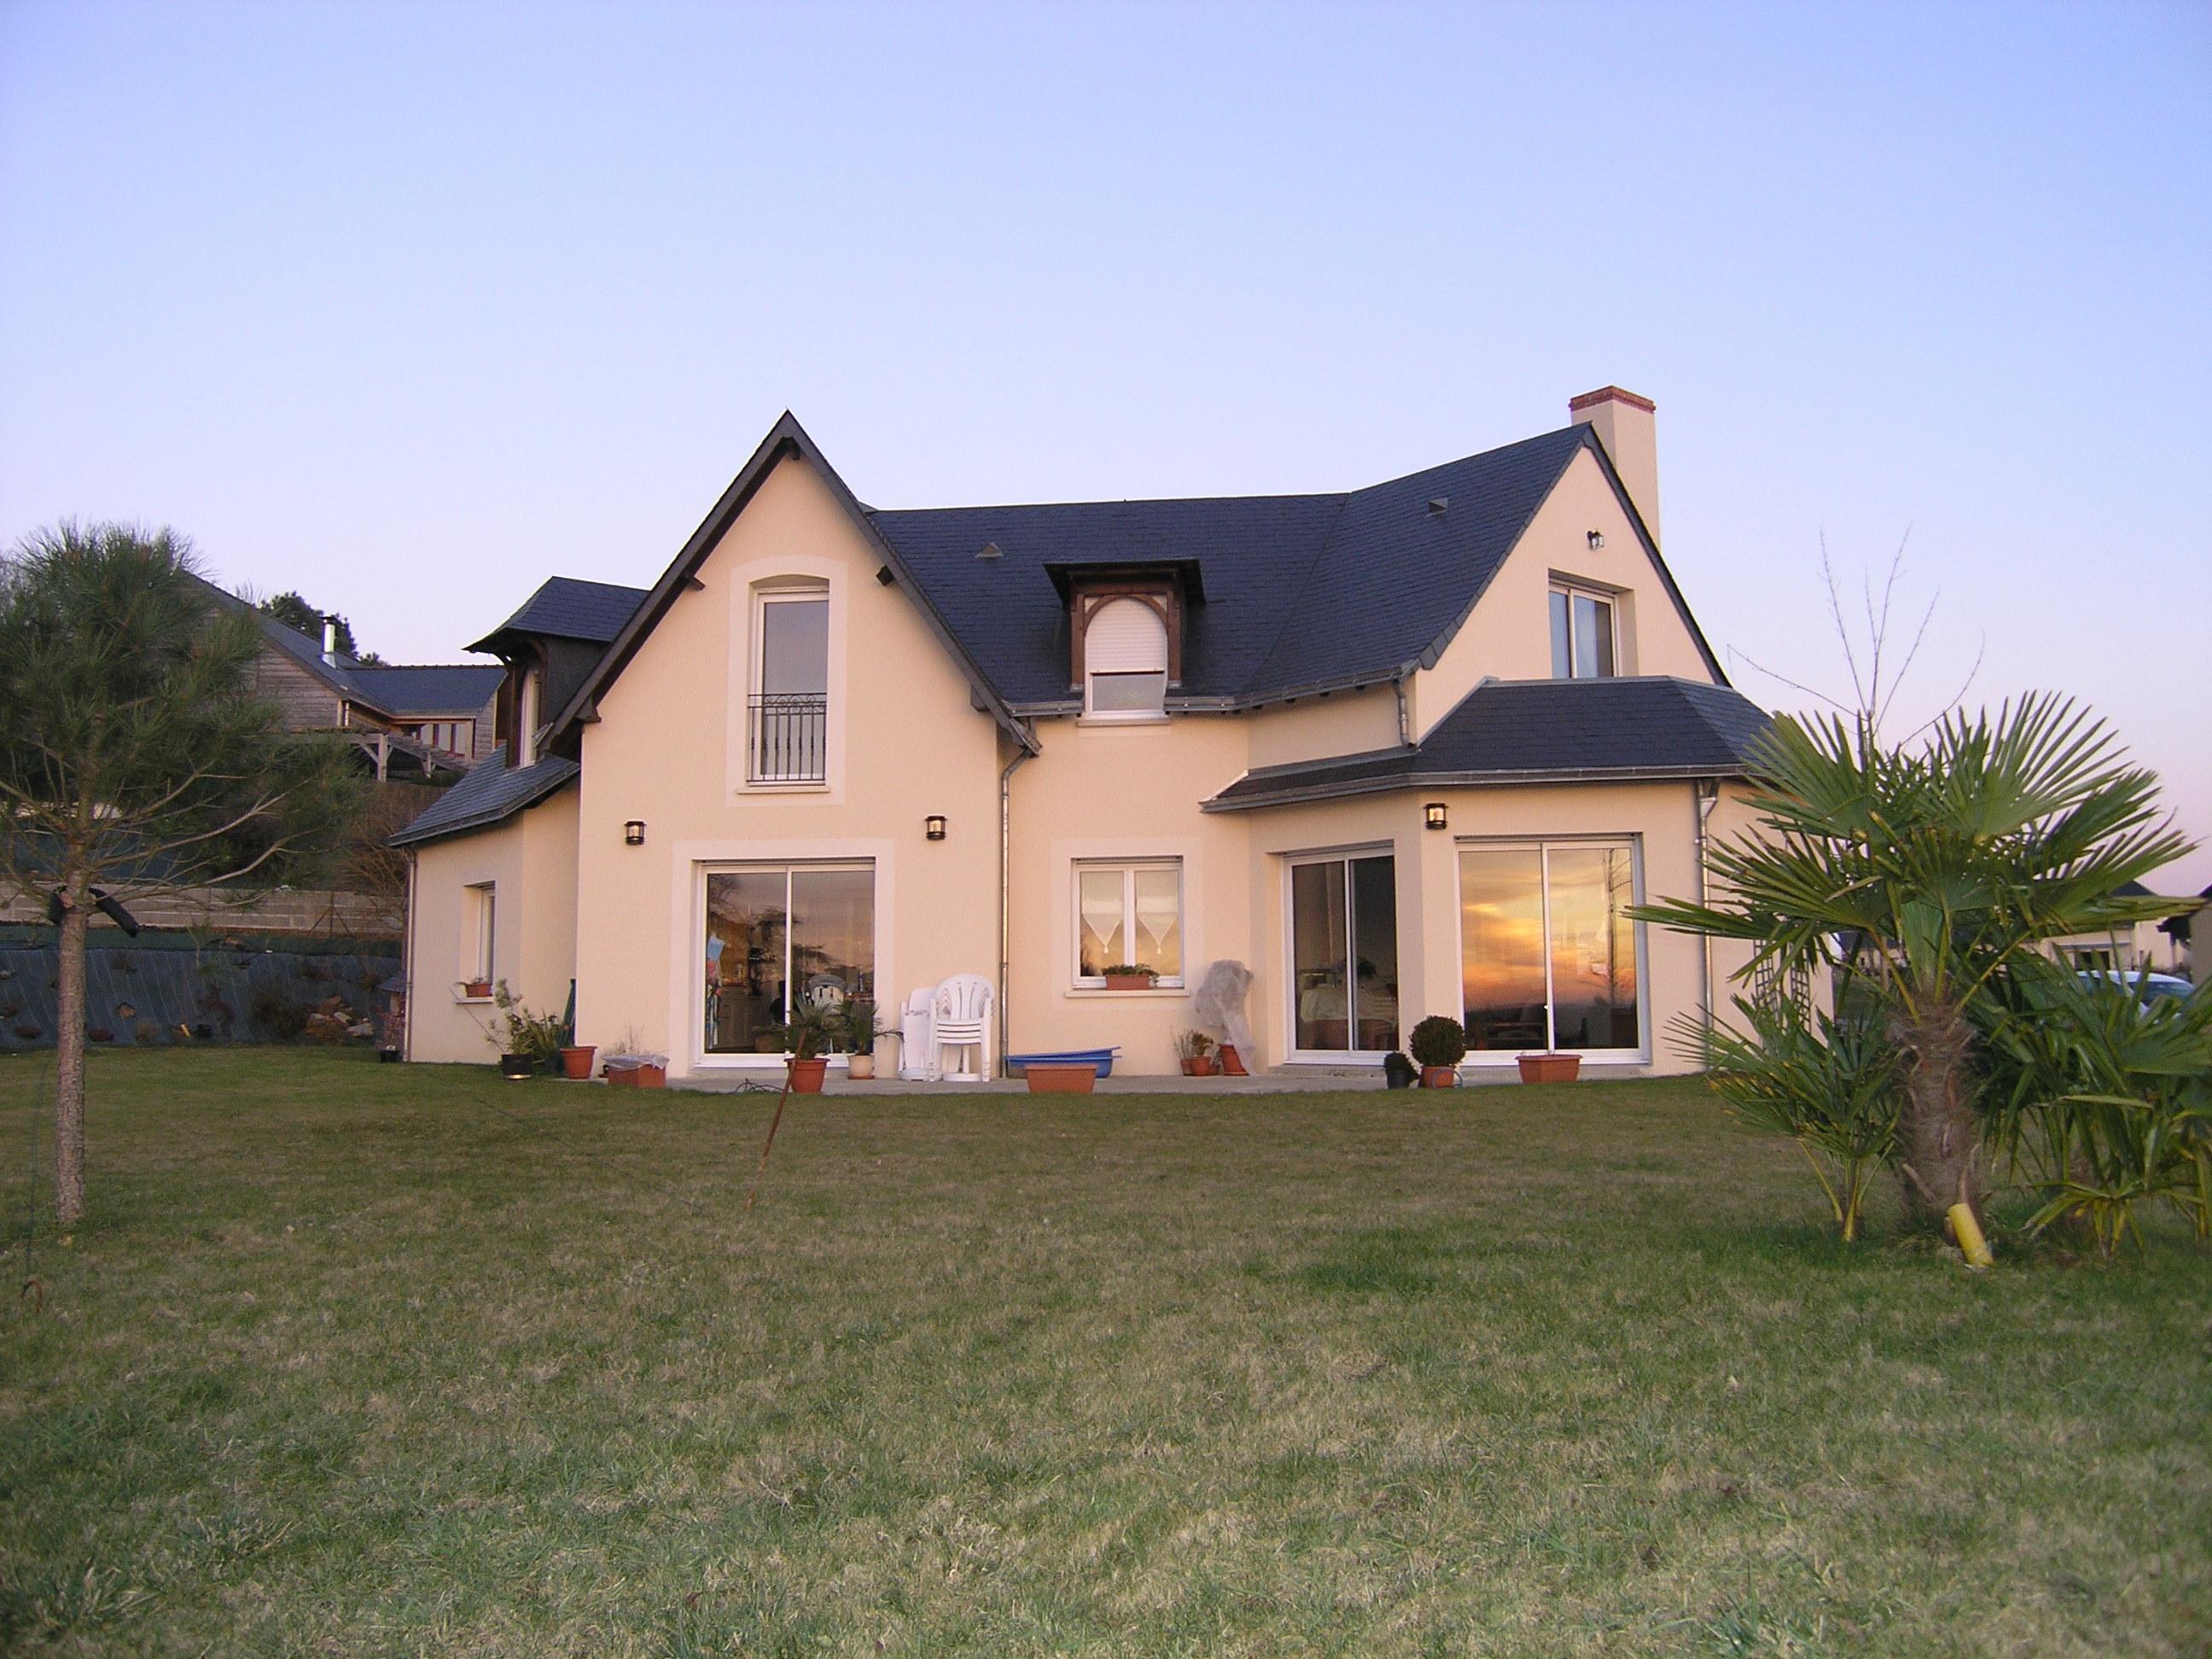 L 39 habitation dominique chaplet architecte dplg for Habitation neuve